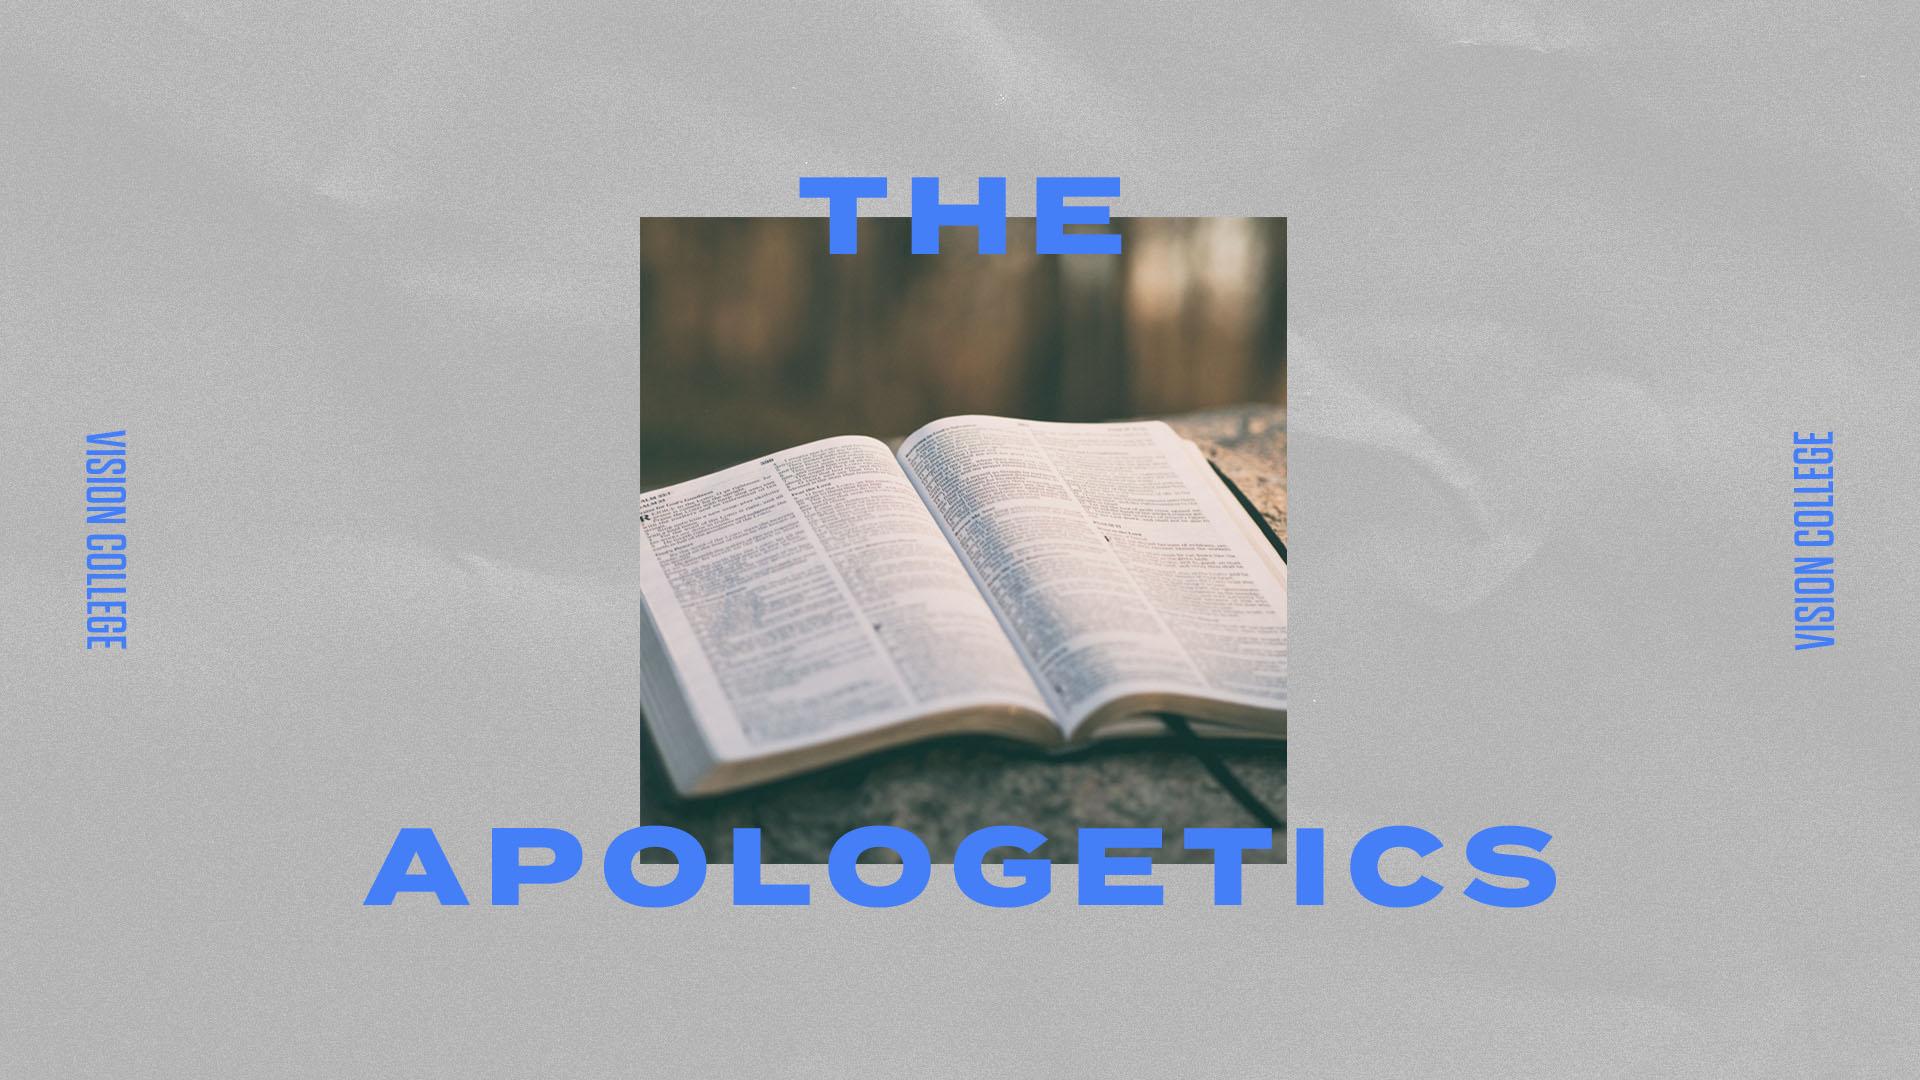 Vision College_Apologetics